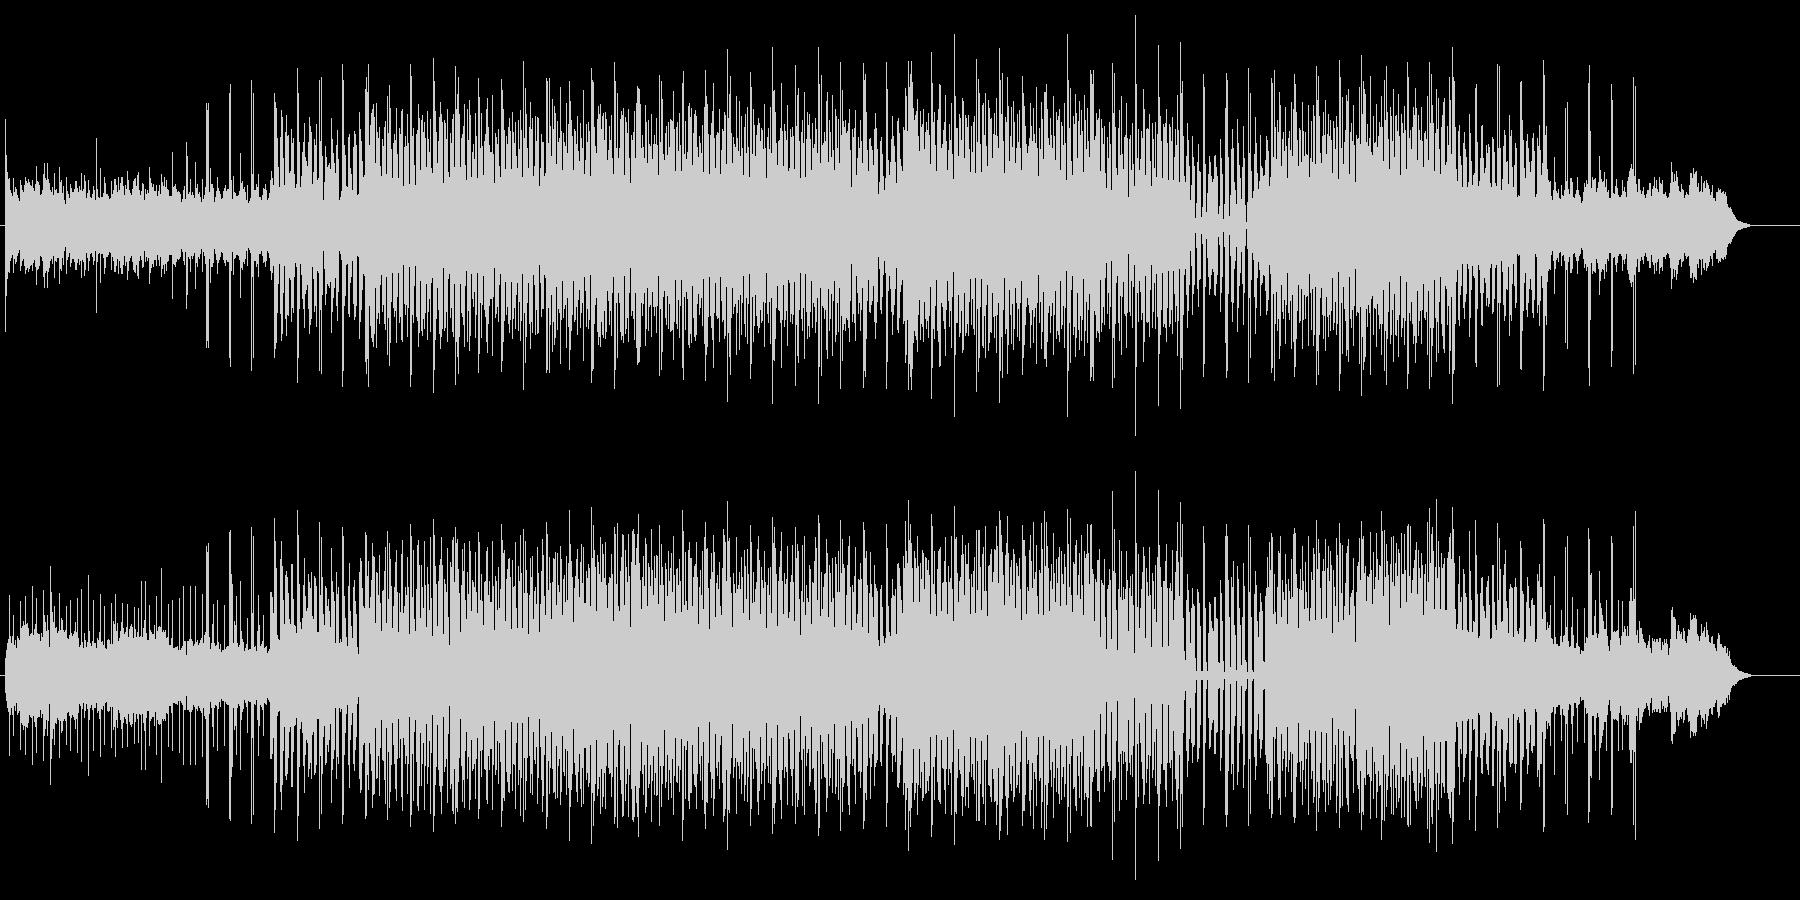 ディープハウスイメージのエレクトロポップの未再生の波形